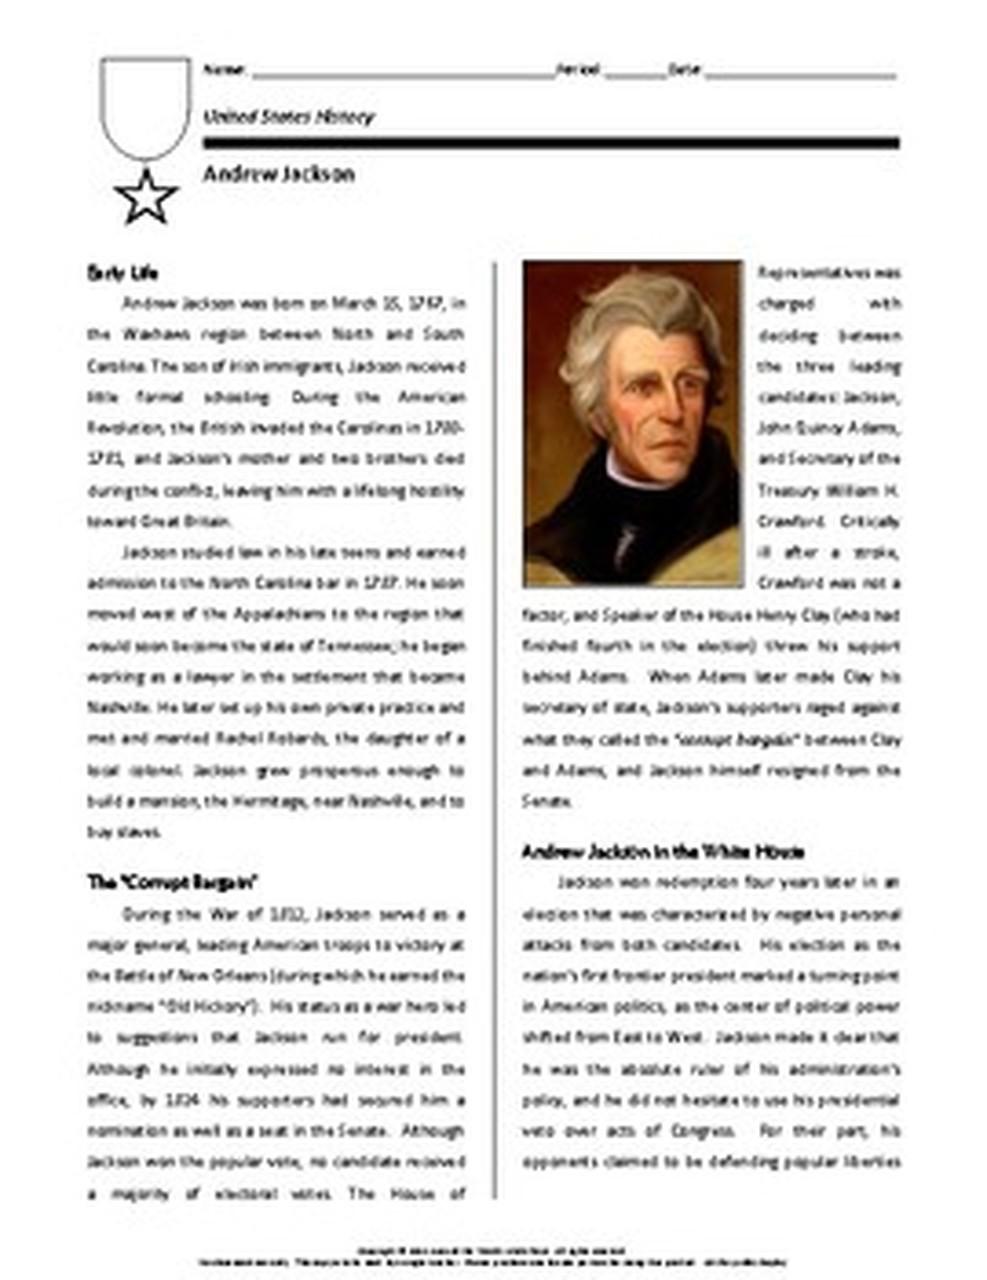 Biography: Andrew Jackson   Andrew jackson [ 1280 x 987 Pixel ]